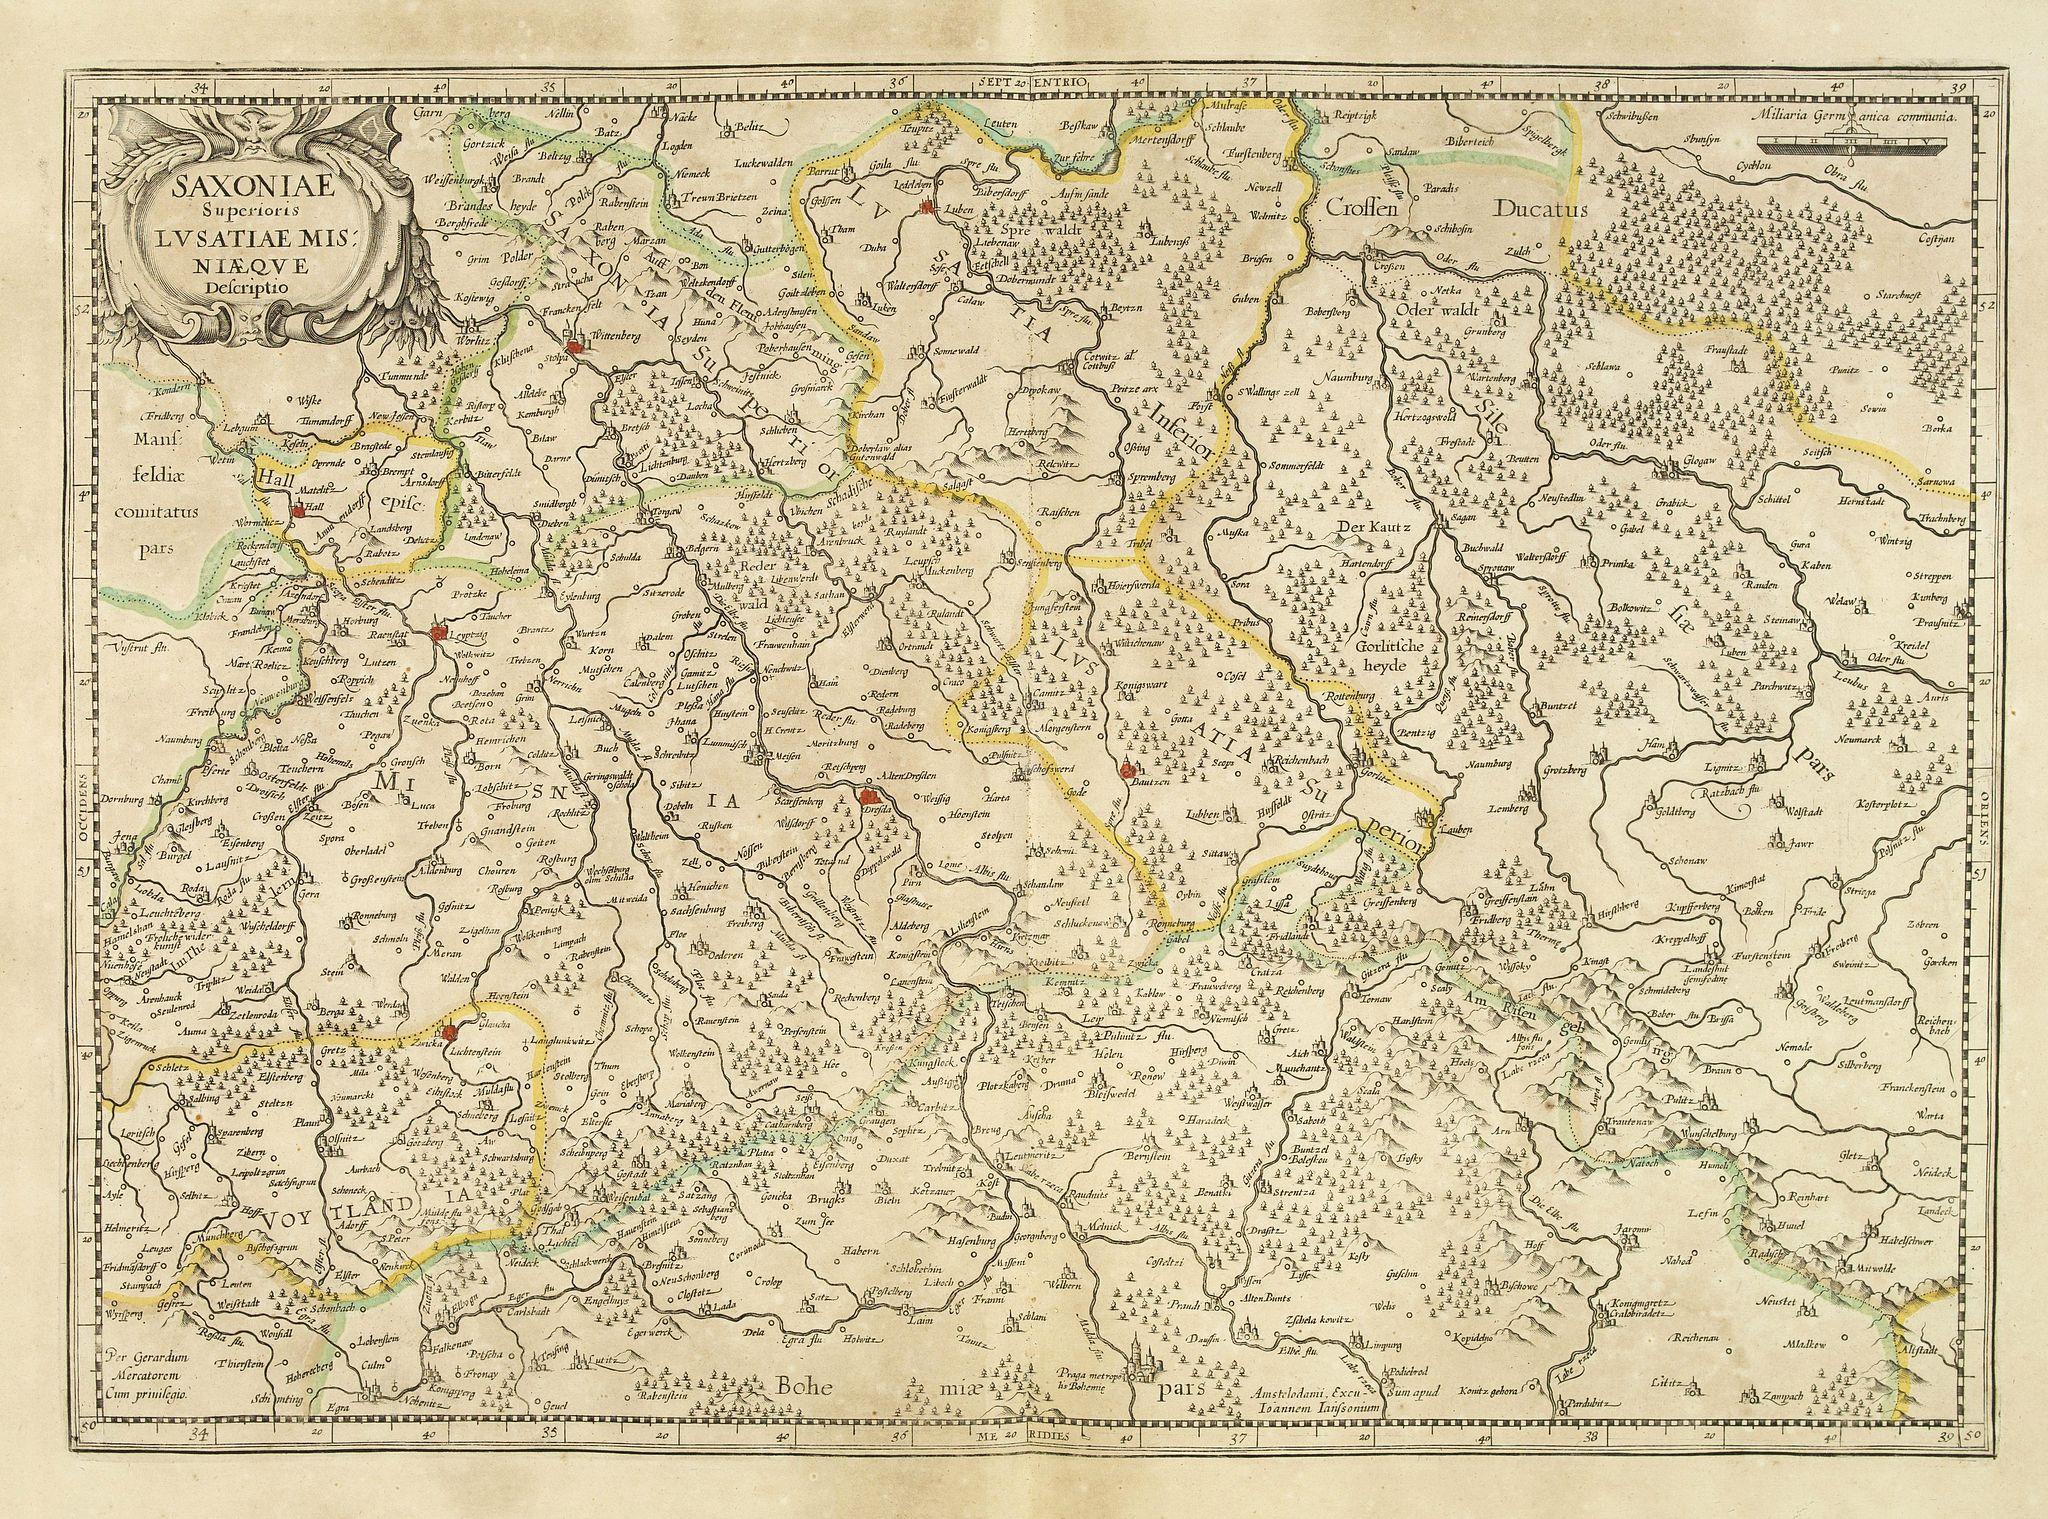 MERCATOR, G. -  Saxoniae Superioris Lusatiae Misniaeque. . .